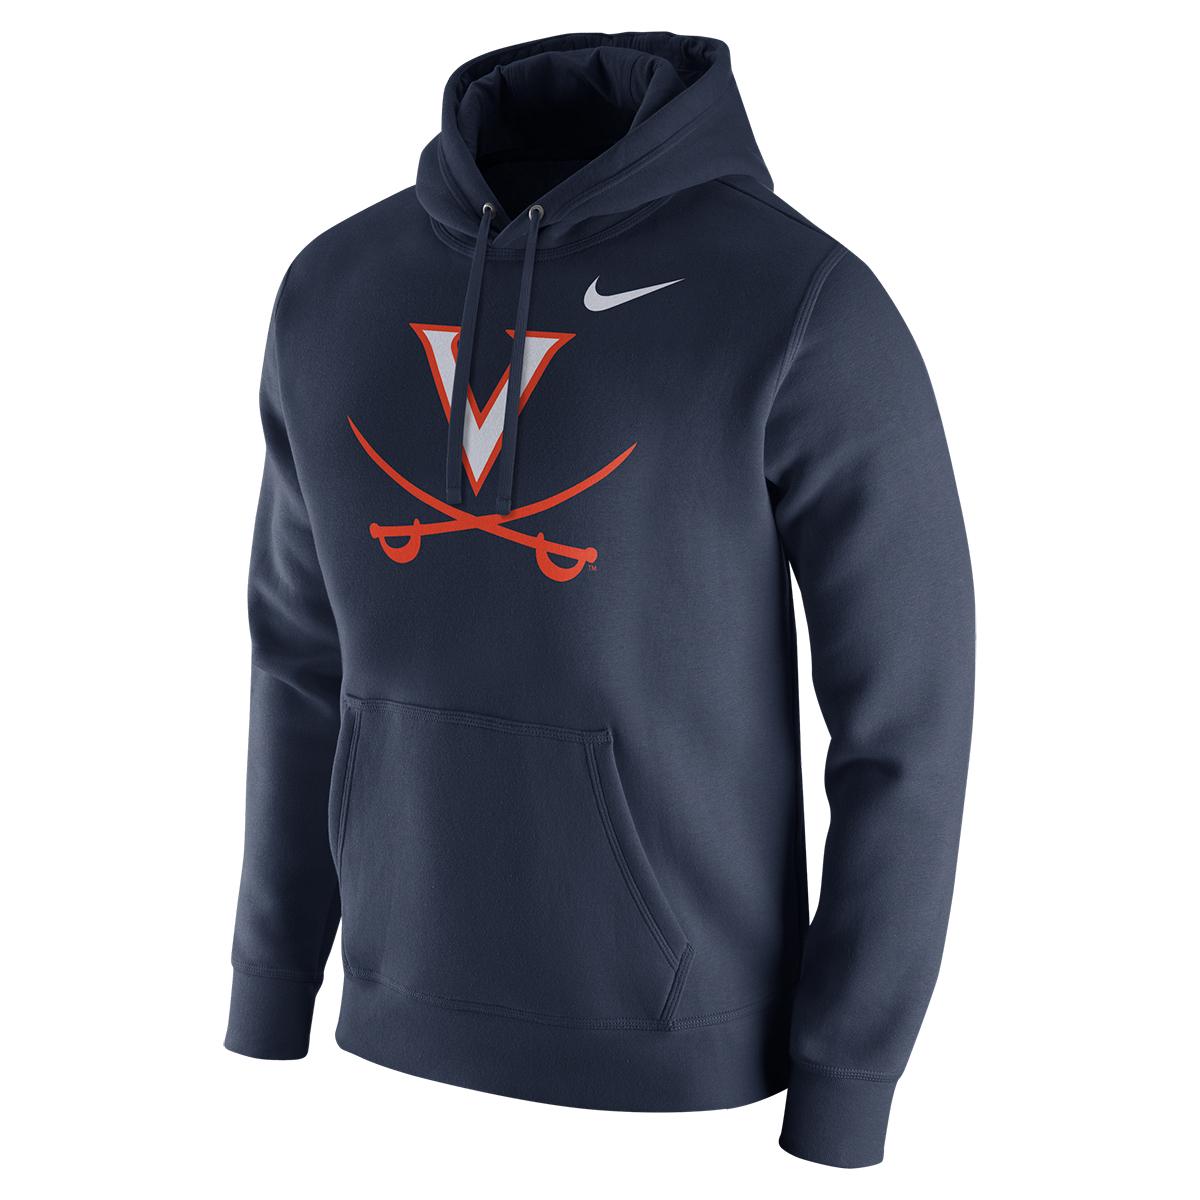 University of Virginia 2018 Nike Navy Basketball Hoodie